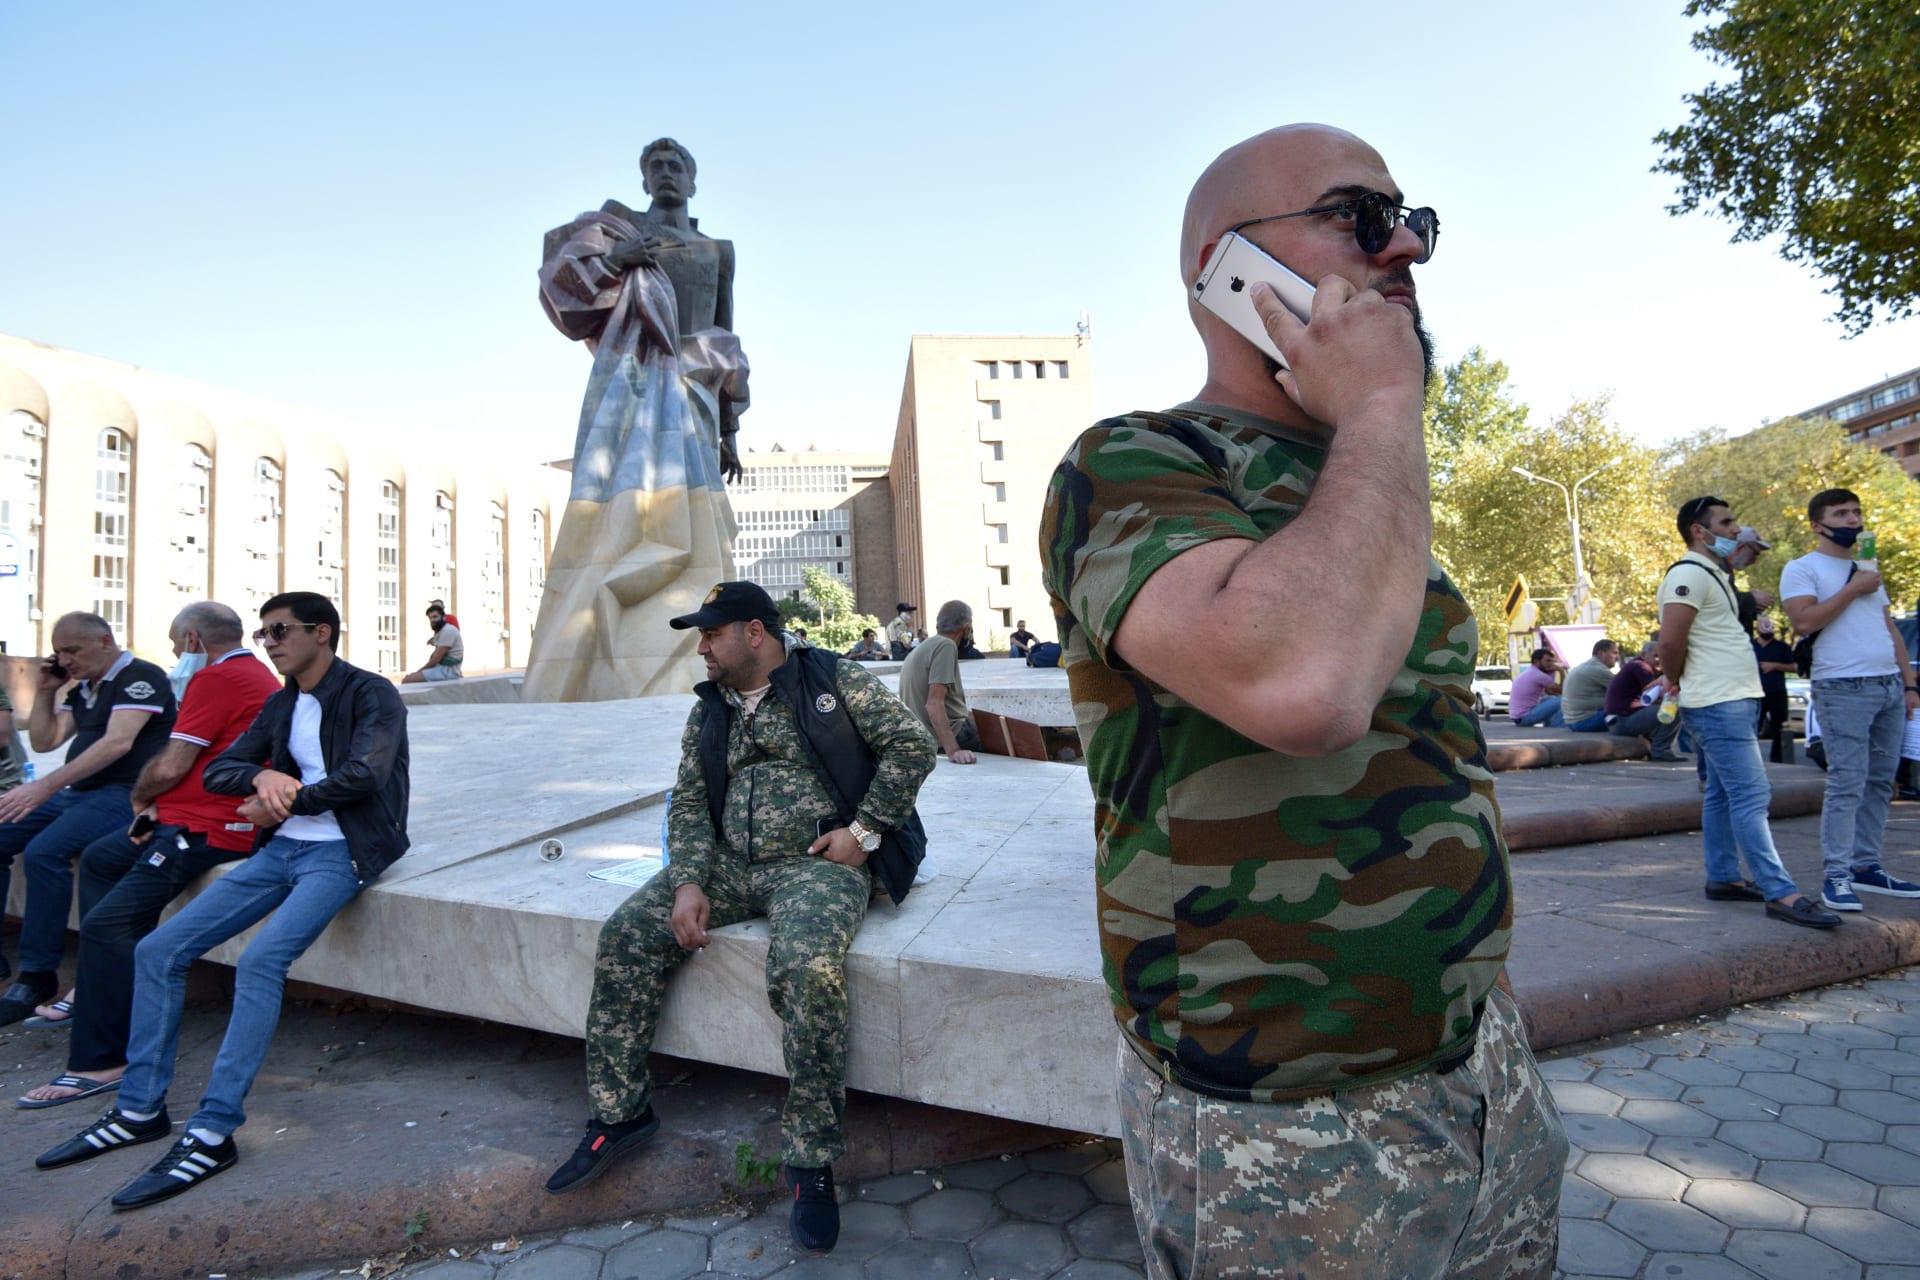 مع تصاعد الاشتباكات العسكرية.. أردوغان: نقف بكل إمكانياتنا مع أذربيجان ضد أرمينيا